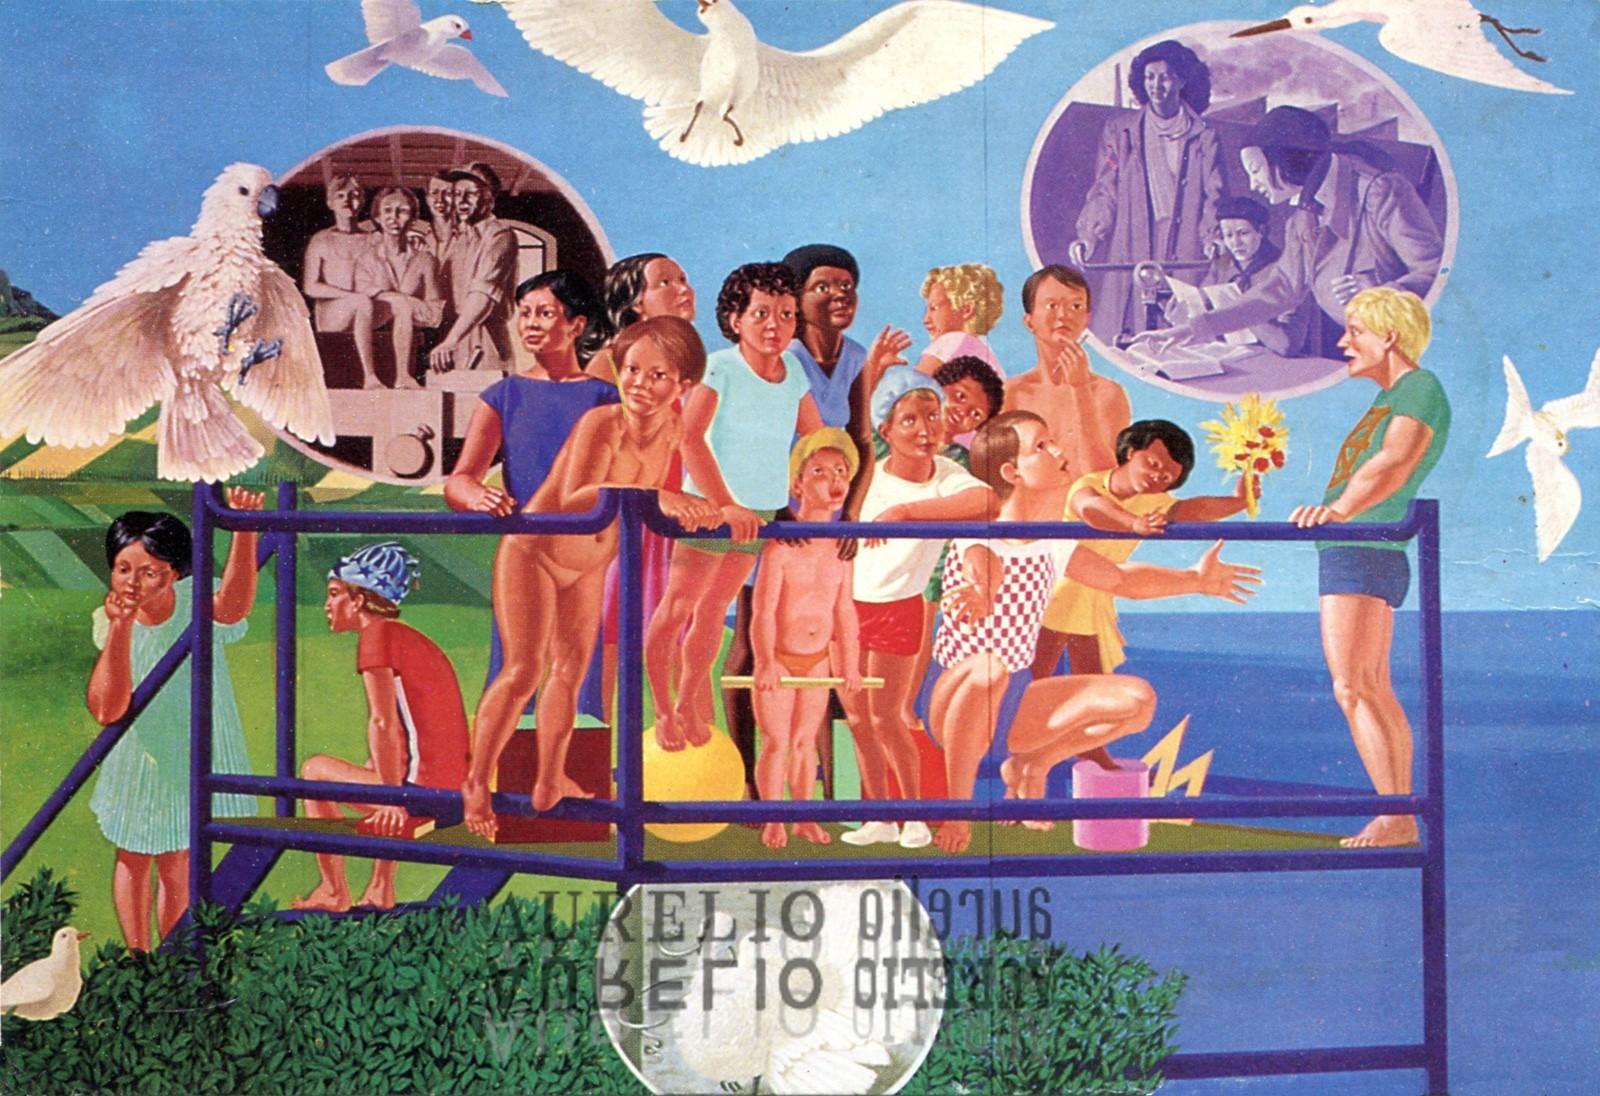 Aurelio C. - Murale Carpi particolare - 1981